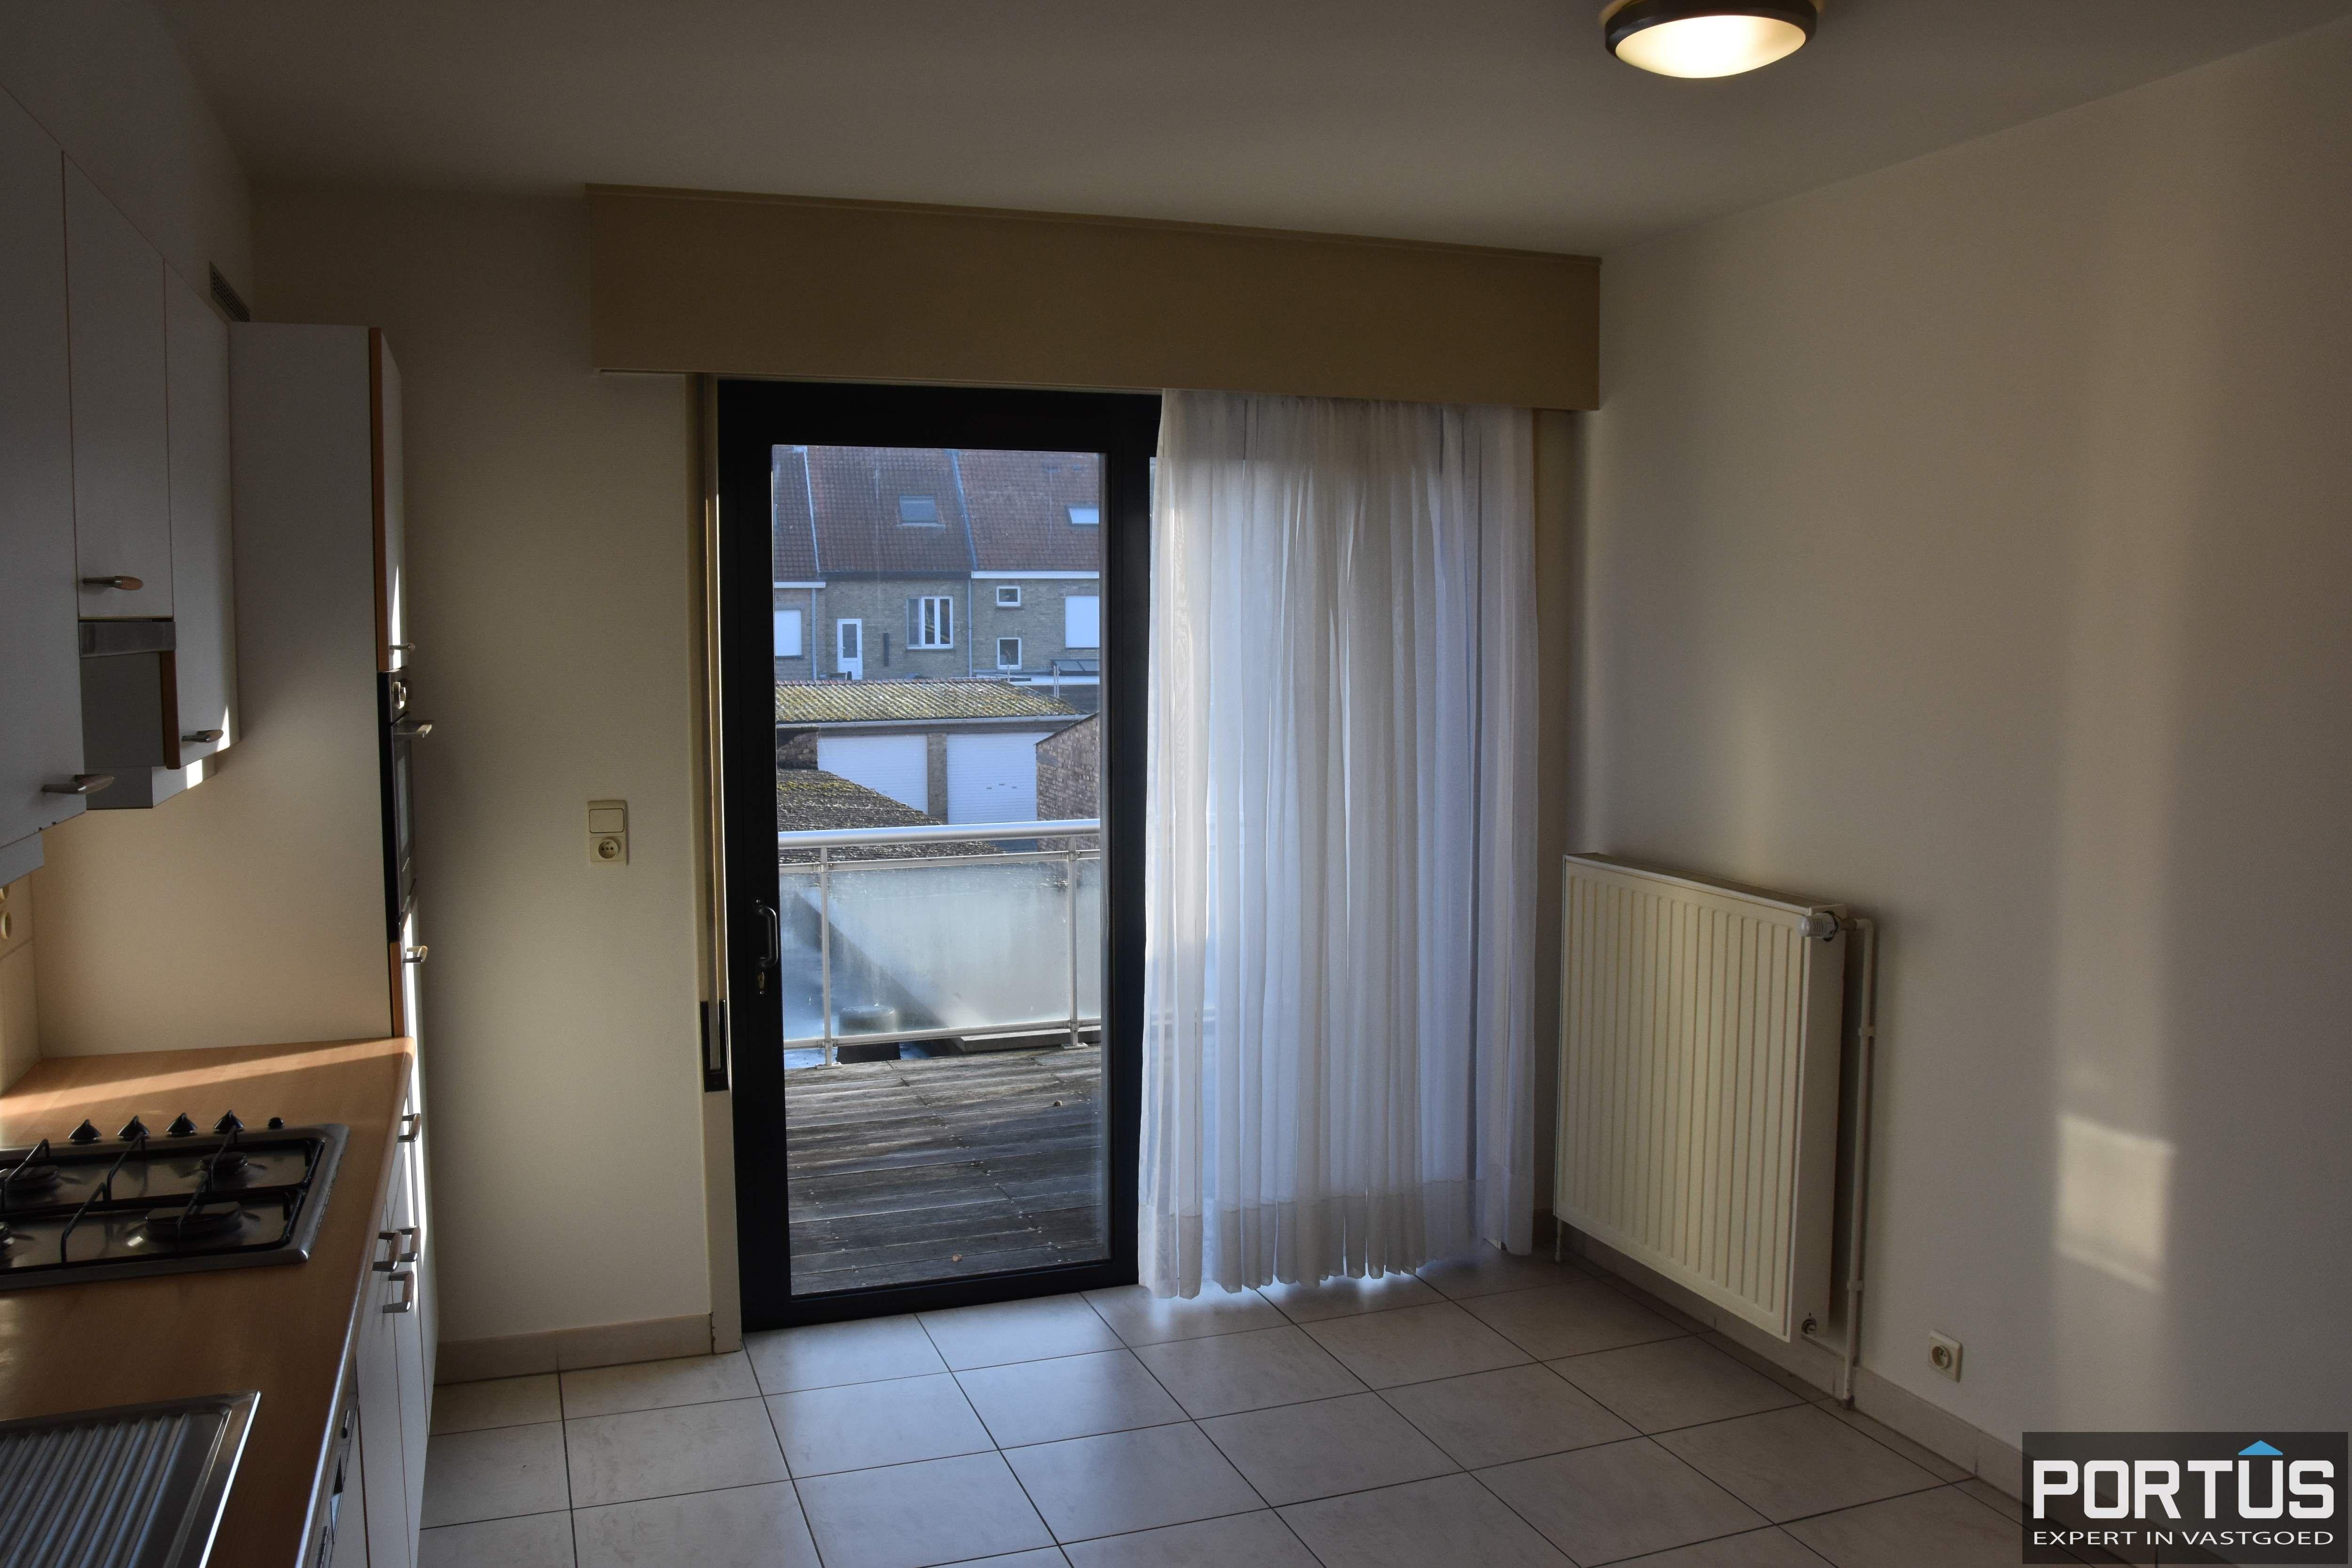 Woning te huur met 2 slaapkamers en dubbele garage in Nieuwpoort-stad - 13035